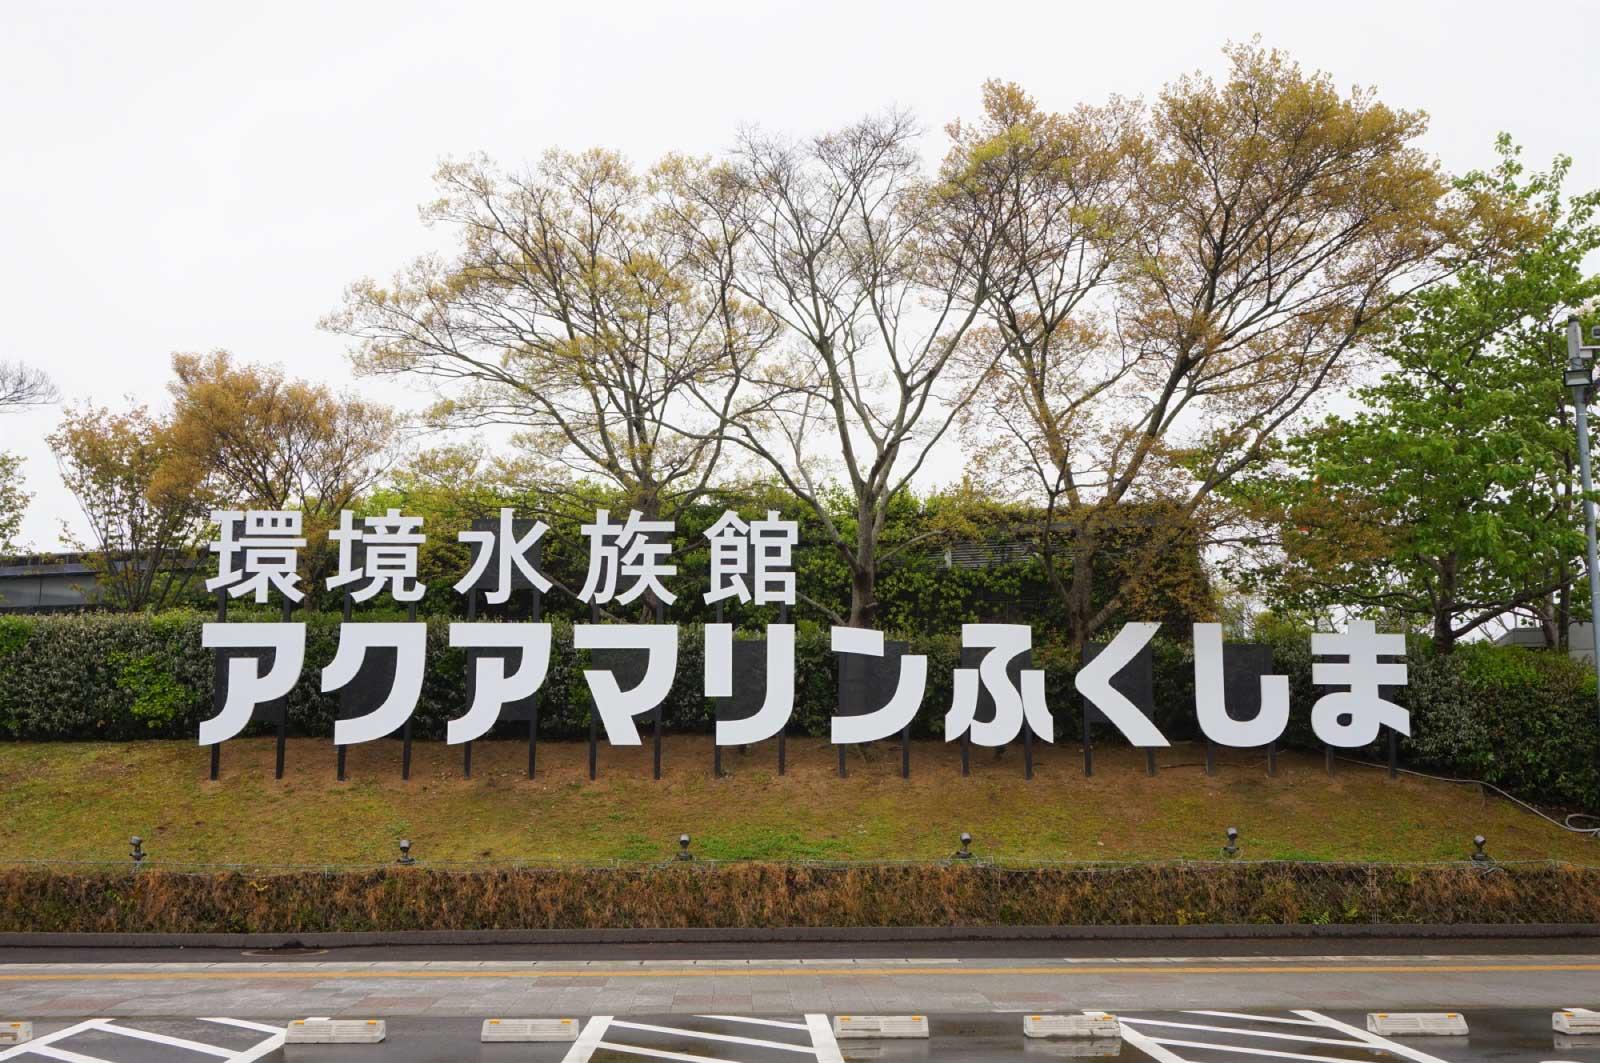 「新潟市水族館 マリンピア日本海」とも提携